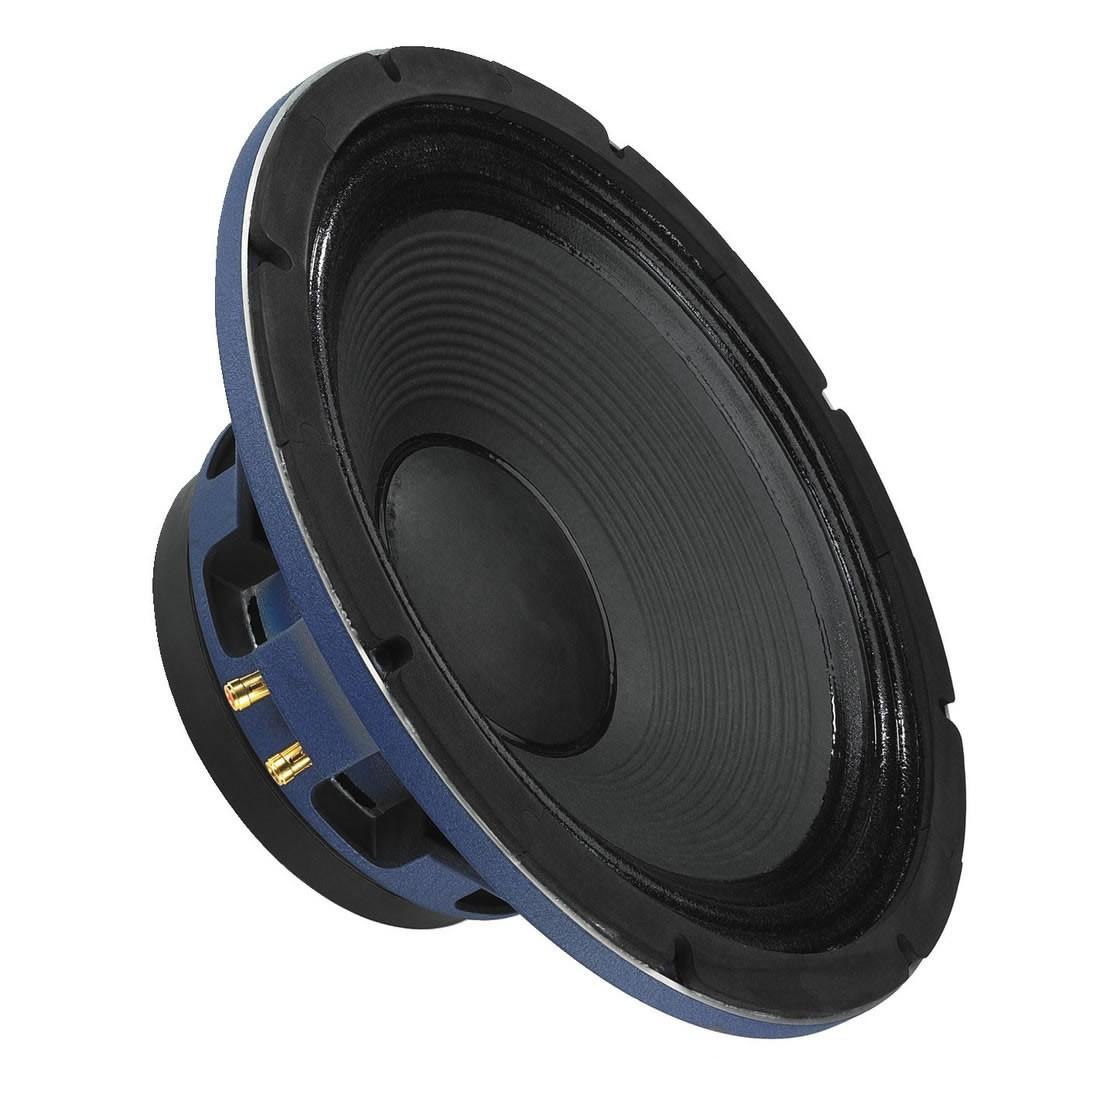 MONACOR SP-46A / 500BS Professional Speaker Driver Subwoofer 500W 8 Ohm 97dB Ø 46cm